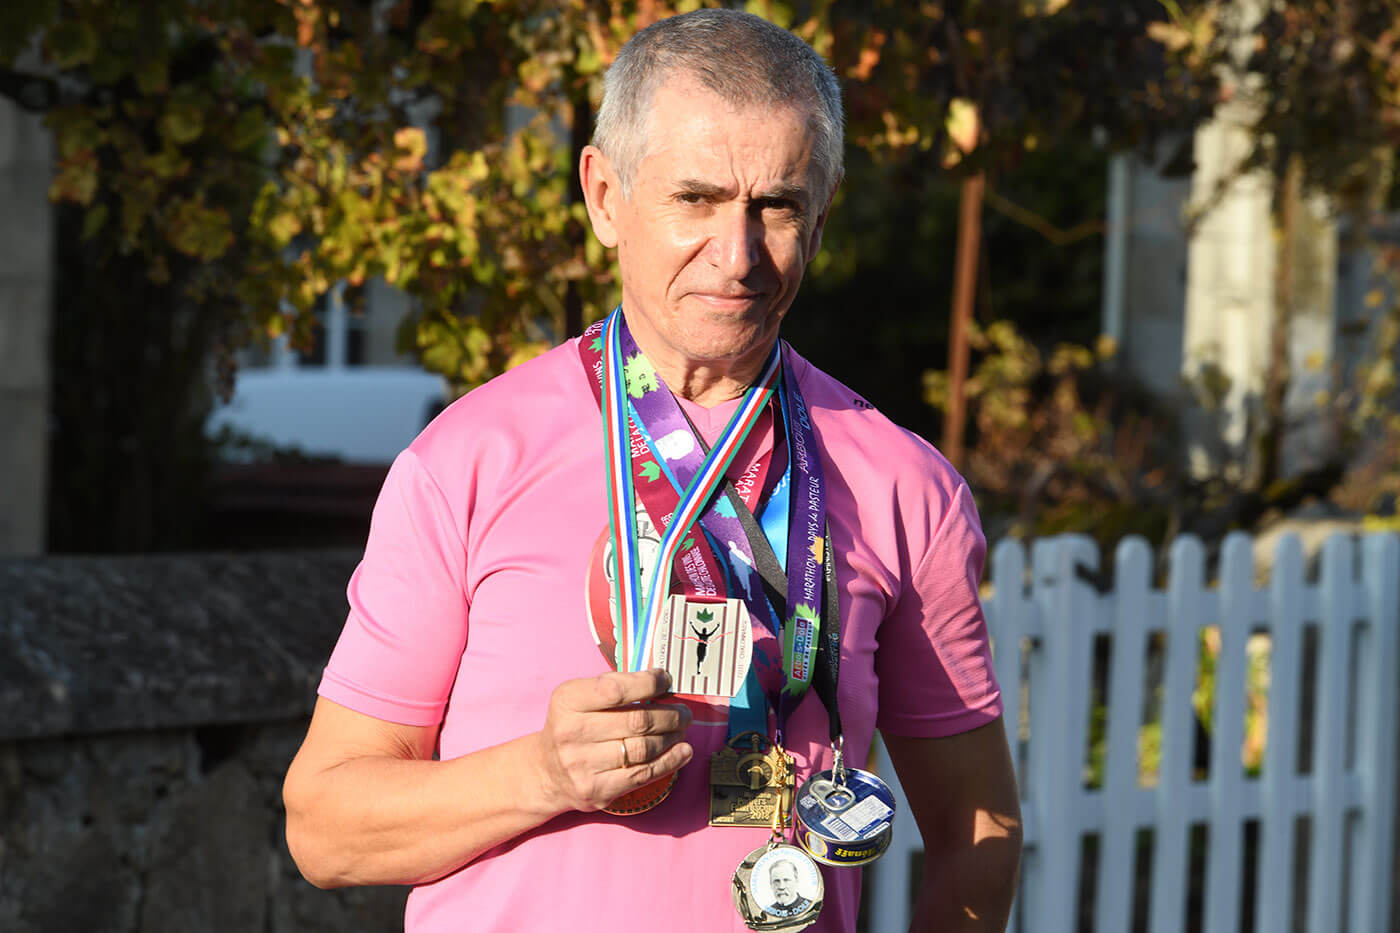 philippe-thuret-100-marathons